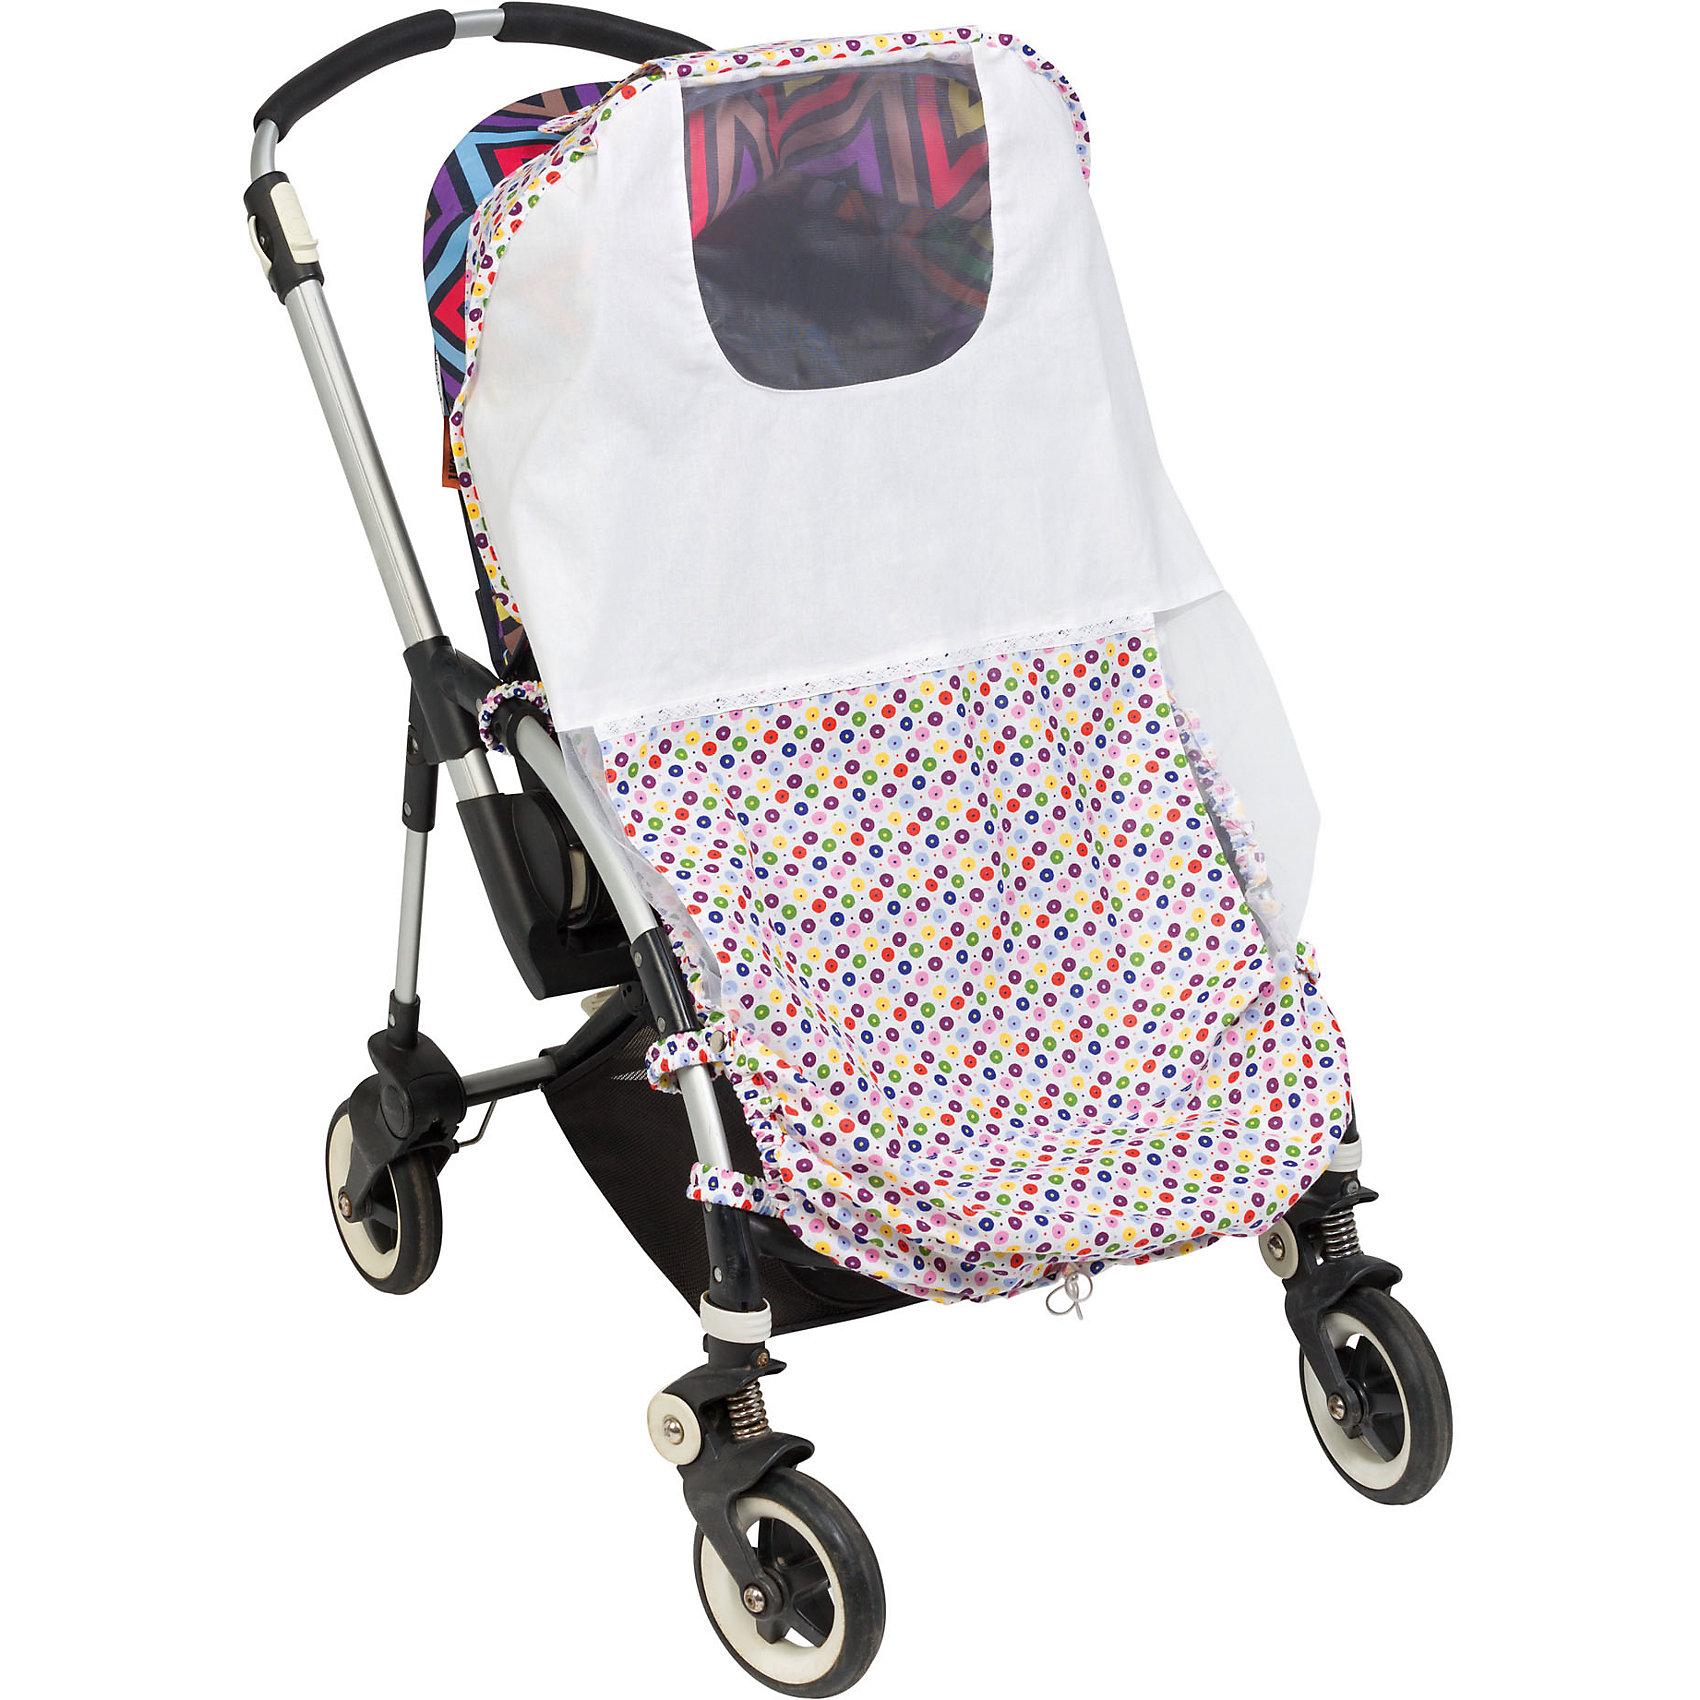 Тент солнцезащитный  для коляски Mammie, конфеттиАксессуары для колясок<br>Тент солнцезащитный  для коляски Mammie, конфетти.<br><br>Характеристики:<br><br>• Для детей с рождения<br>• Размер: 95х105 см.<br>• Рисунок: конфетти<br>• Материал: 100% хлопок<br>• Уход: машинная стирка при 30 °С<br>• Размер упаковки: 20х30х5 см.<br>• Вес: 100 гр.<br><br>Солнцезащитный тент от бренда Mammie - незаменимый аксессуар для коляски во время прогулок в жаркие дни. Изготовленный из натурального хлопка тент прекрасно пропускает воздух, но при этом надежно защищает малыша от прямых солнечных лучей, ветра и различных насекомых. Универсальное крепление делает изделие применимым практически ко всем моделям прогулочных колясок-тростей. Боковины тента выполнены из сетчатого материала, что обеспечивает хорошую вентиляцию, а специальное окошко с сеткой позволяет полностью видеть малыша, не беспокоя его во время сна. Тент легко складывается, в сложенном виде не занимает много места. Солнцезащитный тент Mammie – это комфортная прогулка крохи даже в самые знойные летние дни! Тент можно дополнить матрасиком для коляски в тон тента.<br><br>Тент солнцезащитный  для коляски Mammie, конфетти можно купить в нашем интернет-магазине.<br><br>Ширина мм: 200<br>Глубина мм: 300<br>Высота мм: 50<br>Вес г: 100<br>Возраст от месяцев: 0<br>Возраст до месяцев: 60<br>Пол: Унисекс<br>Возраст: Детский<br>SKU: 5613237